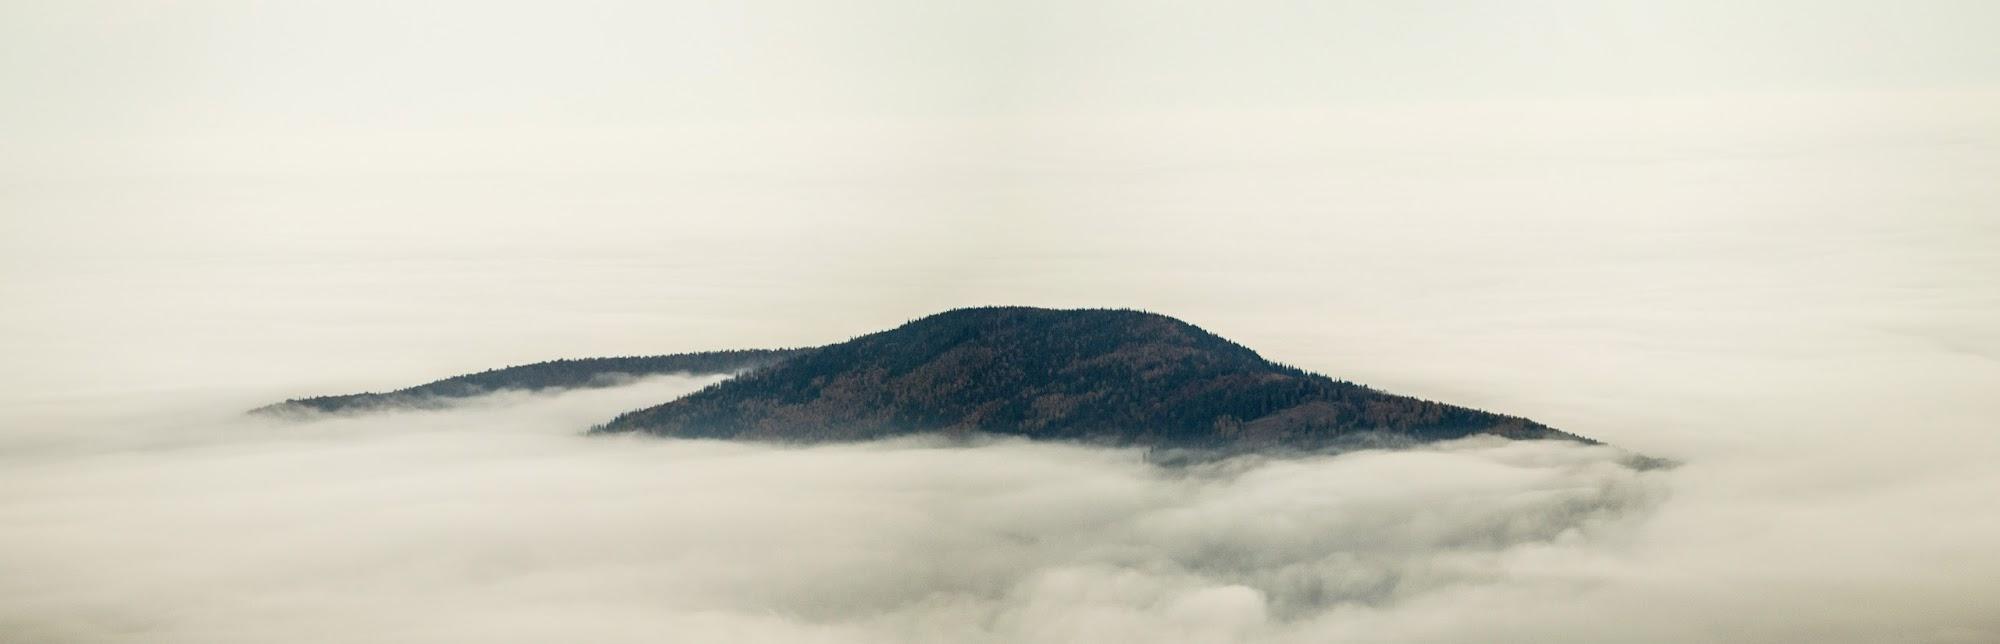 Вершини гір в тумані